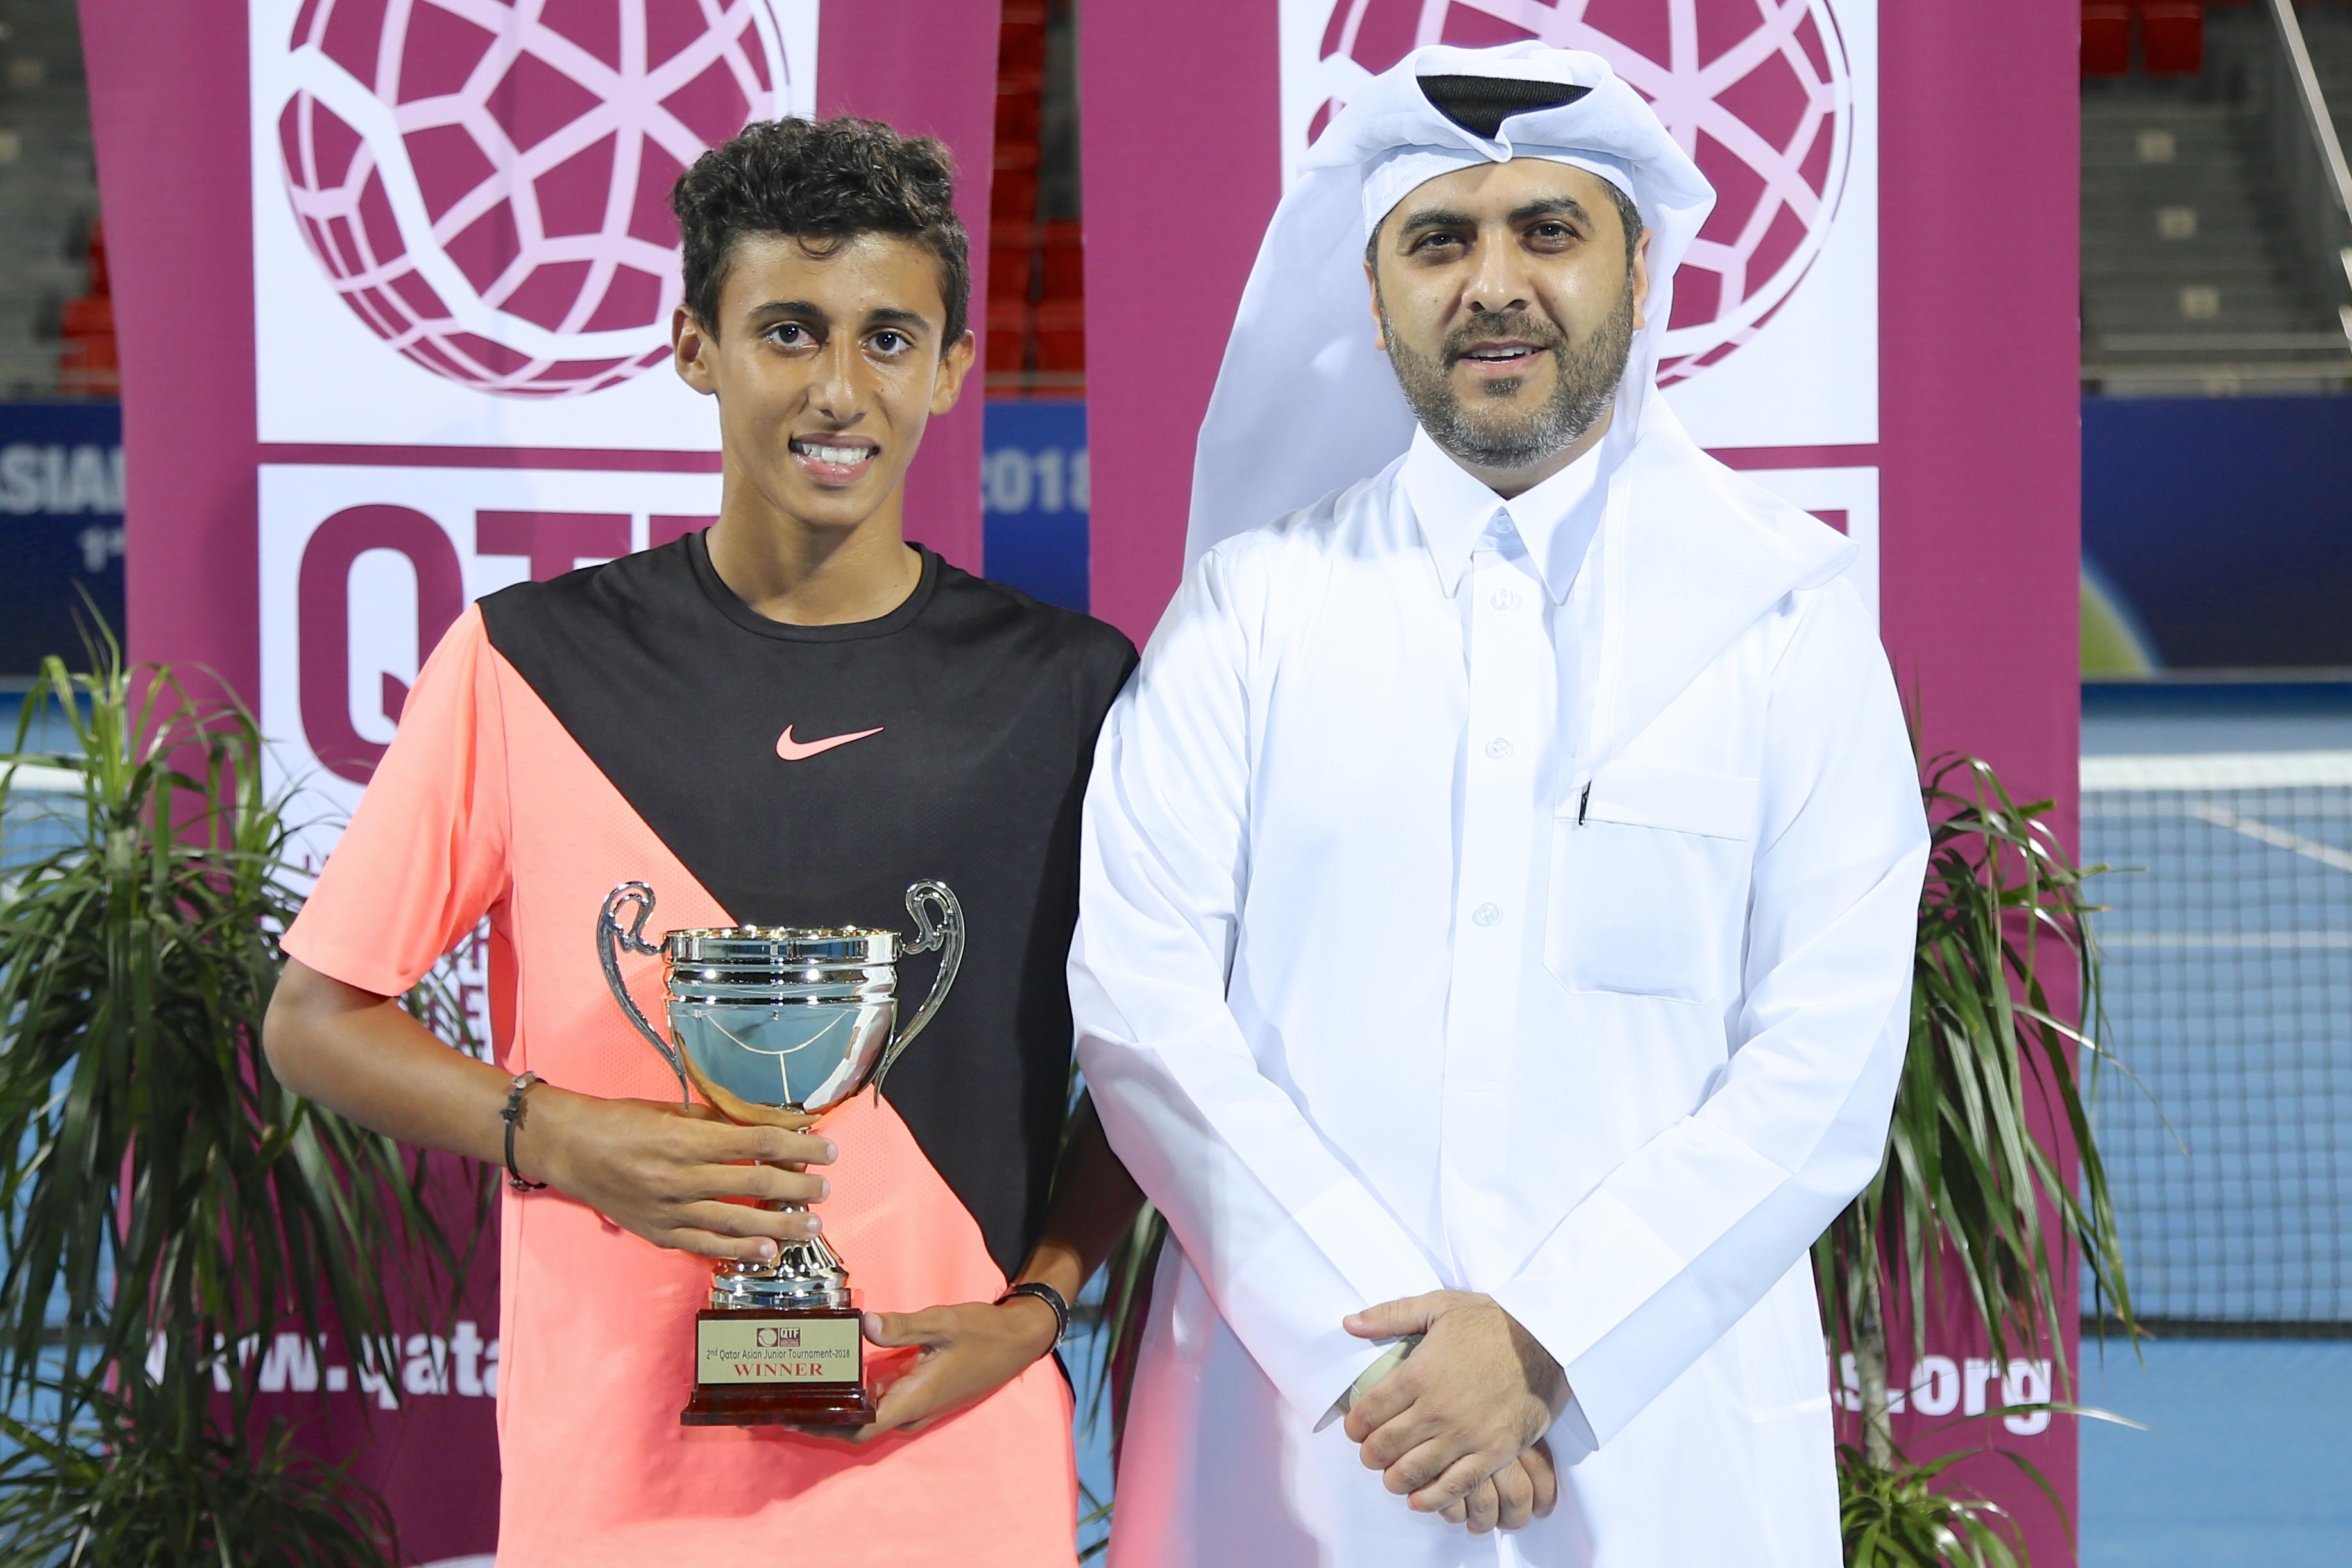 راشد نواف وناصر اليافعي يتوجان بلقبي فردي وزوجي بطولة قطر الآسيوية